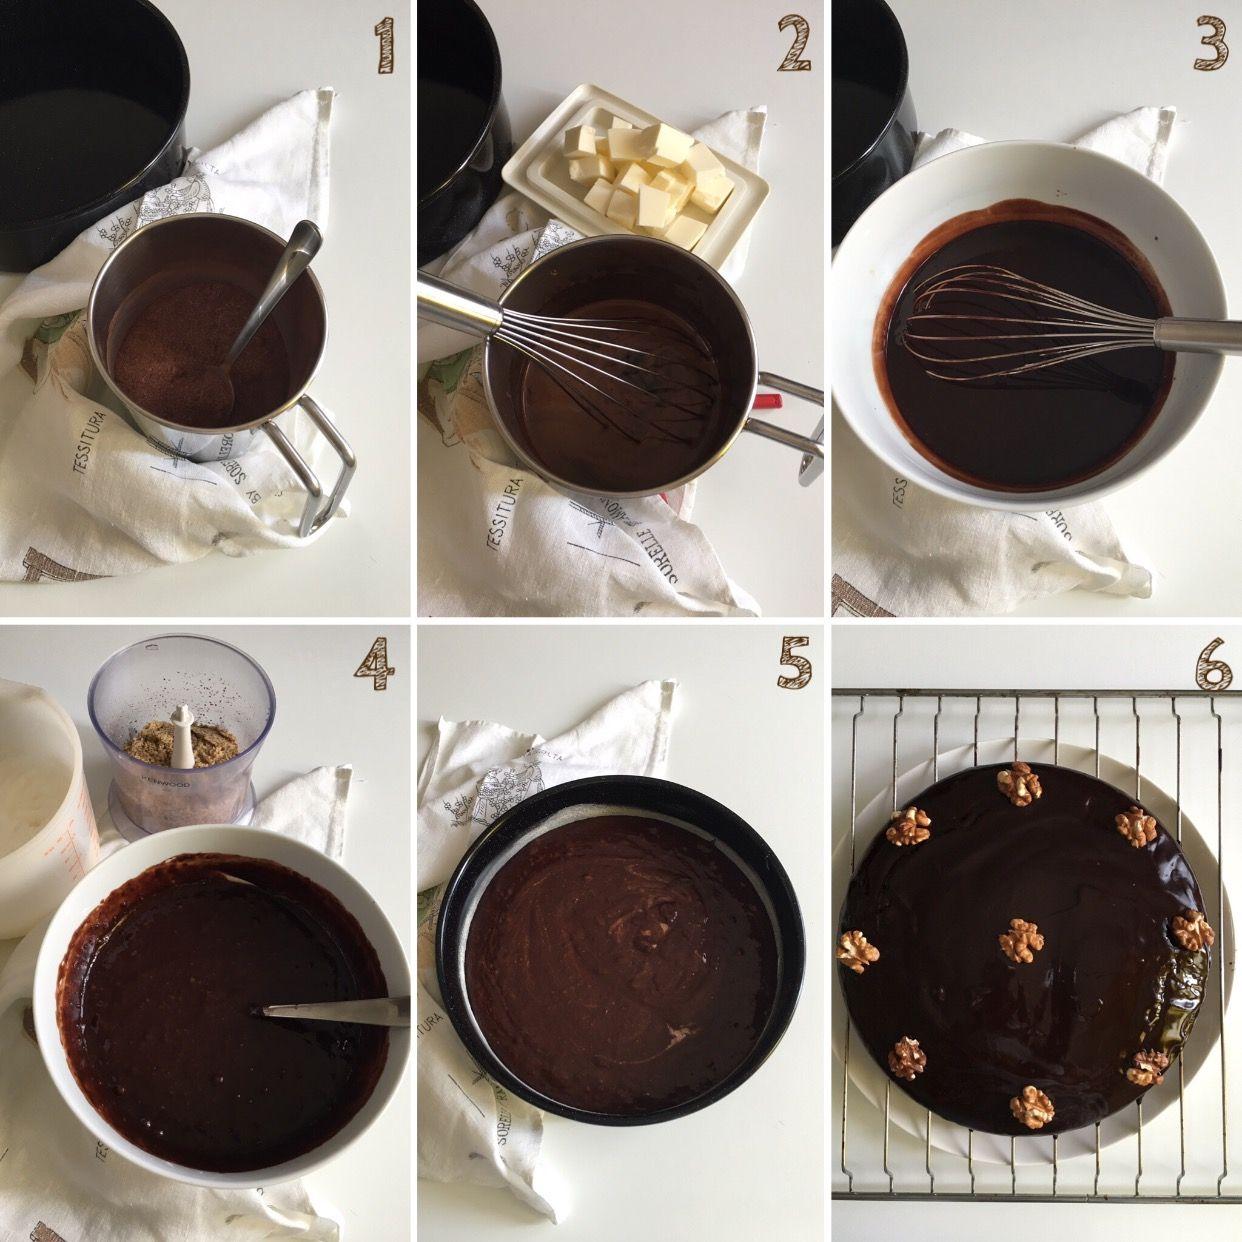 Torta rumena al cioccolato e noci